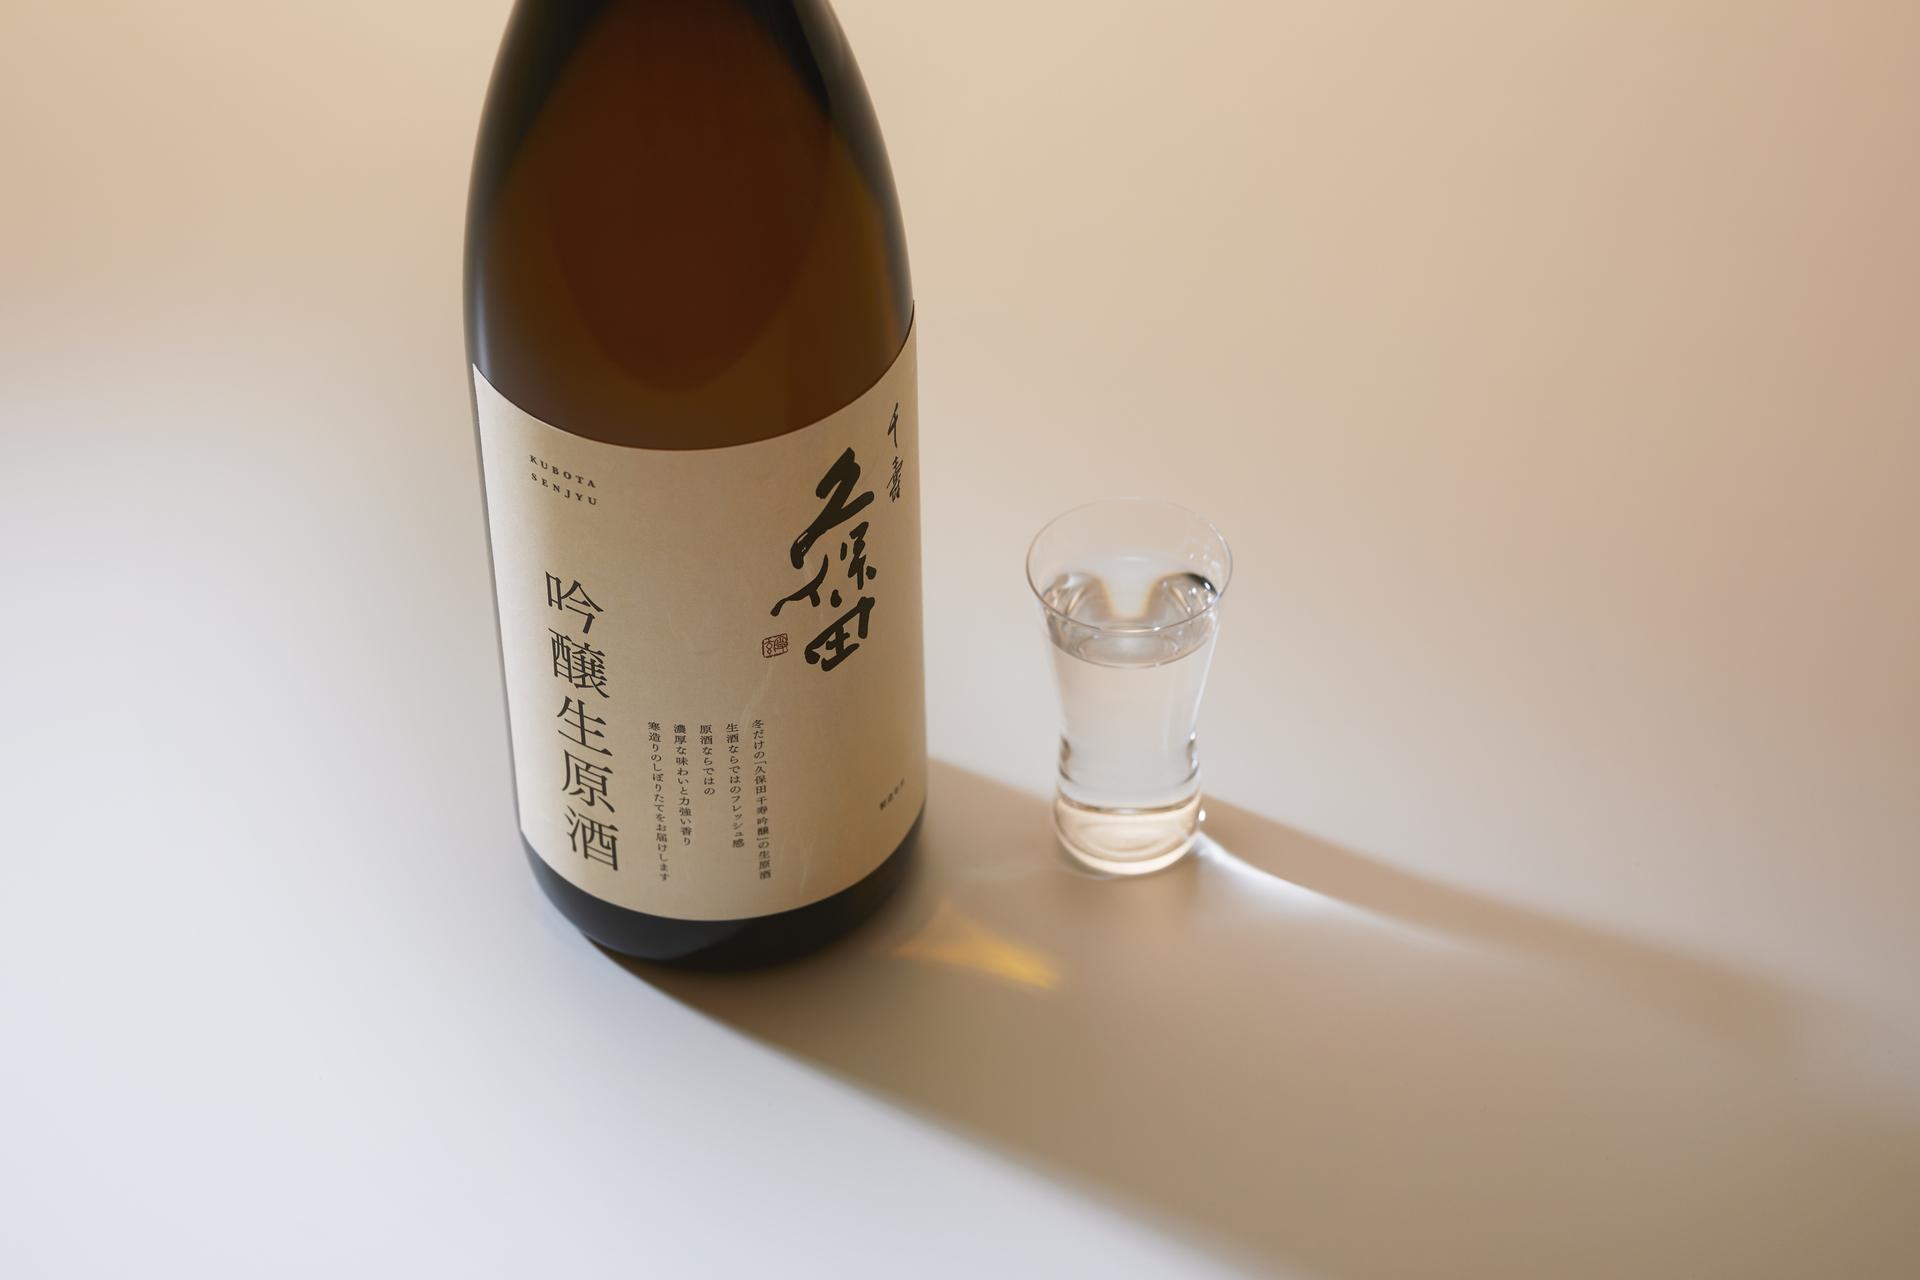 生原酒とは火入れと加水しないお酒。味わいの特徴と、おすすめの日本酒も紹介